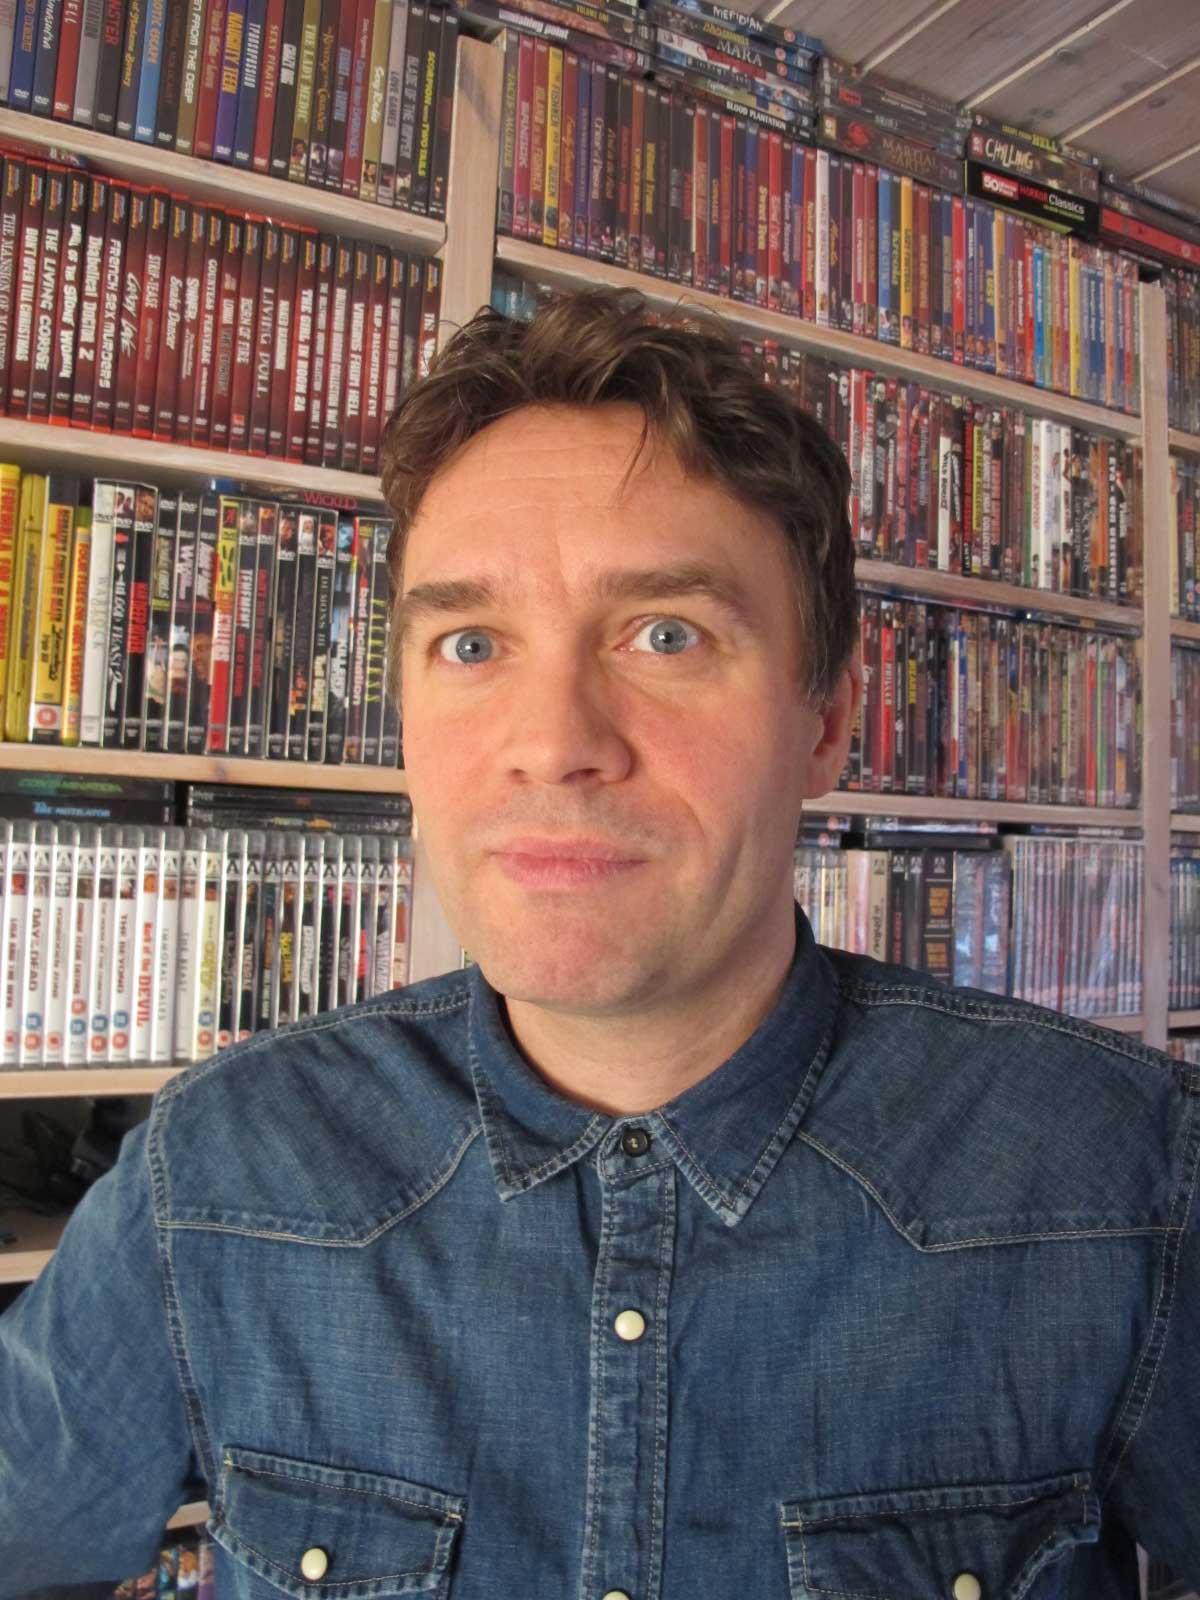 De gærne filmsamlerne har det godt. Martin Hauge har nå snart 6.000 filmer i hyllene, derav ca. 4000 horror og B-filmer. –Moro? Ja. Galskap? Definitivt. Bare spør kona! sier han. Foto: Privat.